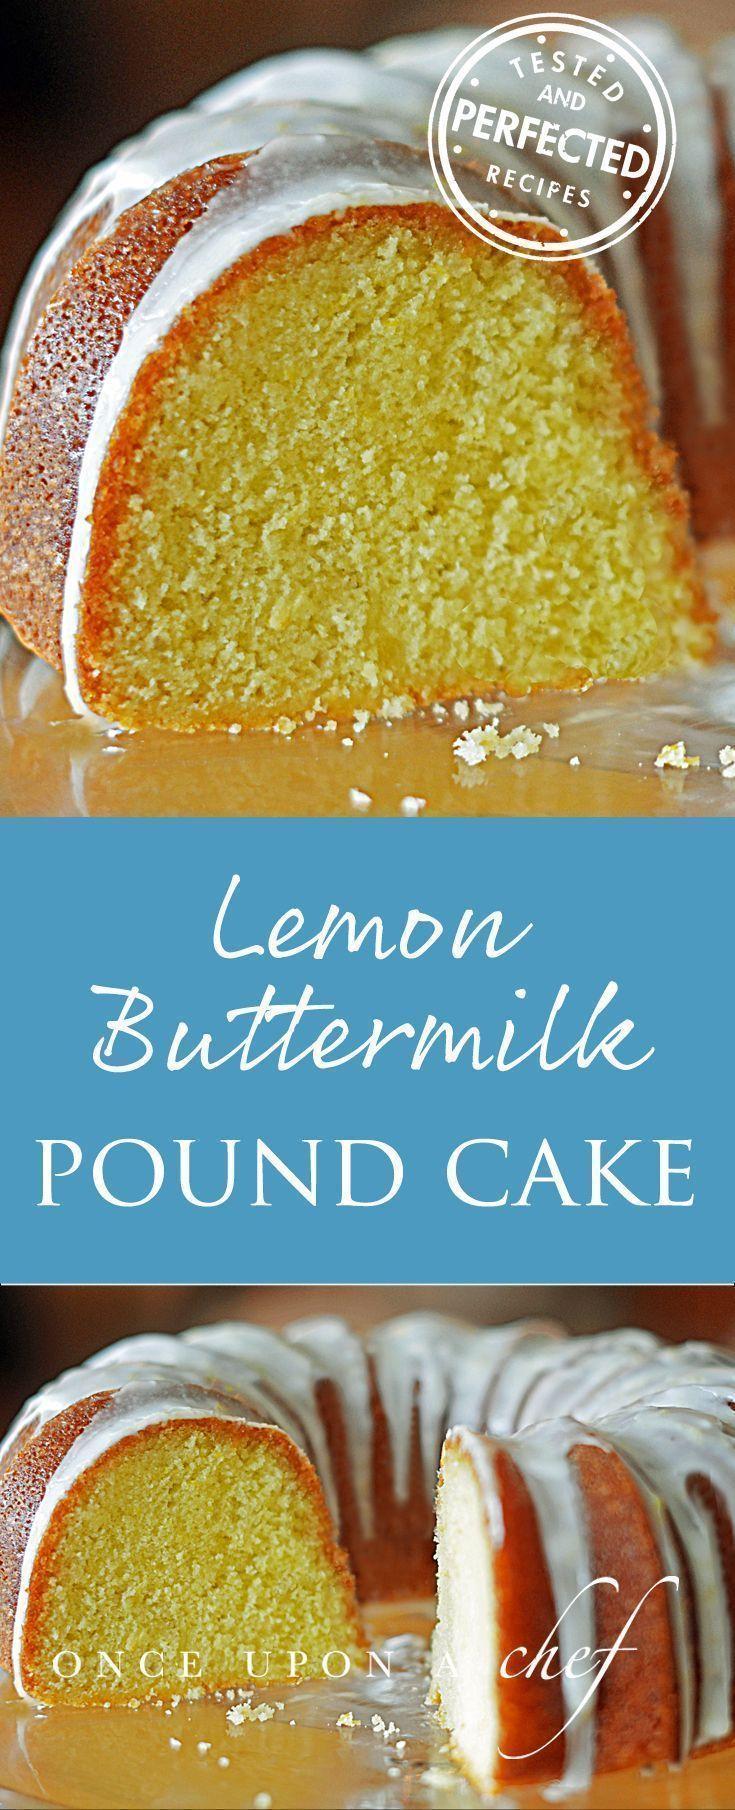 Lemon Pound Cake Recipe Lemon Buttermilk Pound Cake Buttermilk Pound Cake Cake Recipes